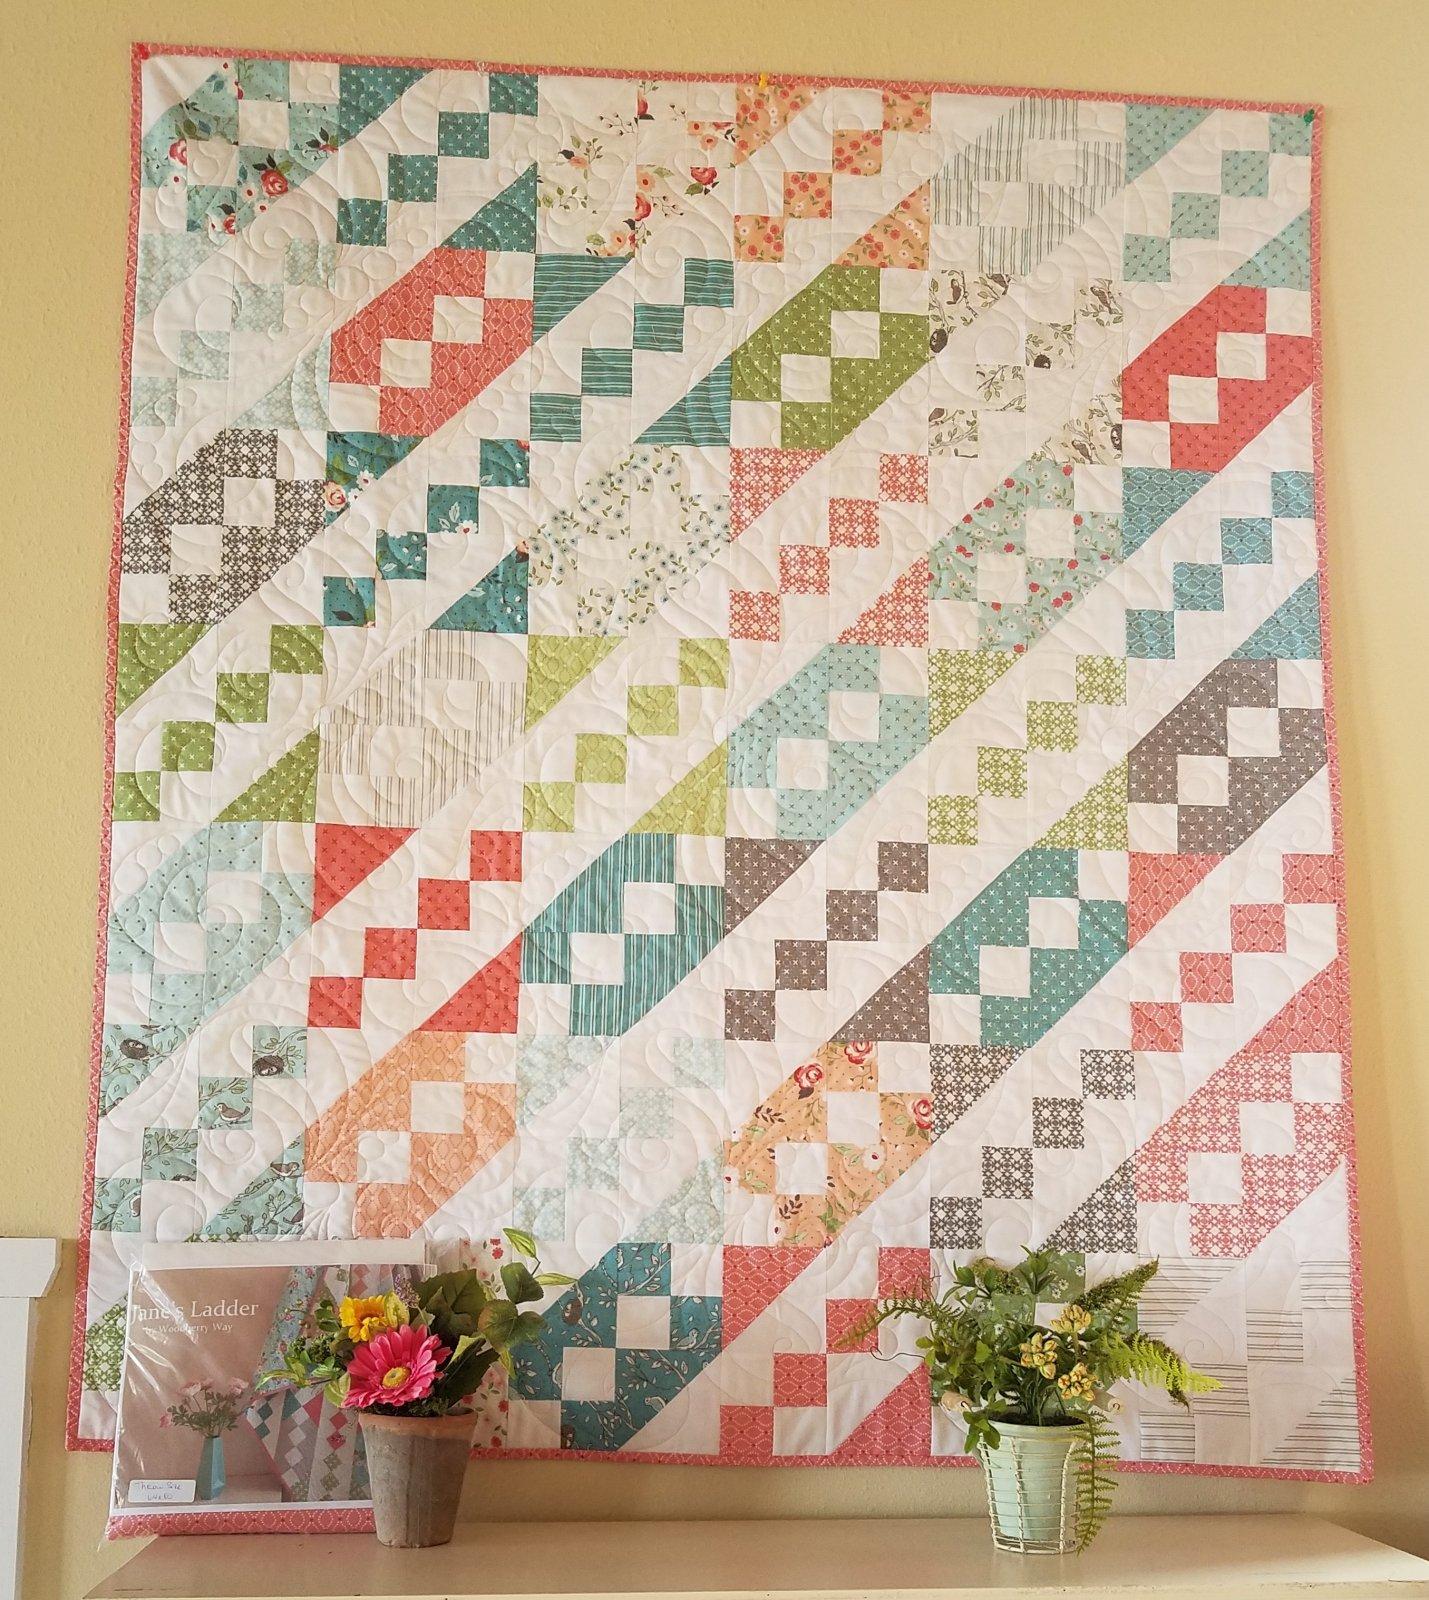 Janes Ladder/Nest throw size quilt kit 64x80